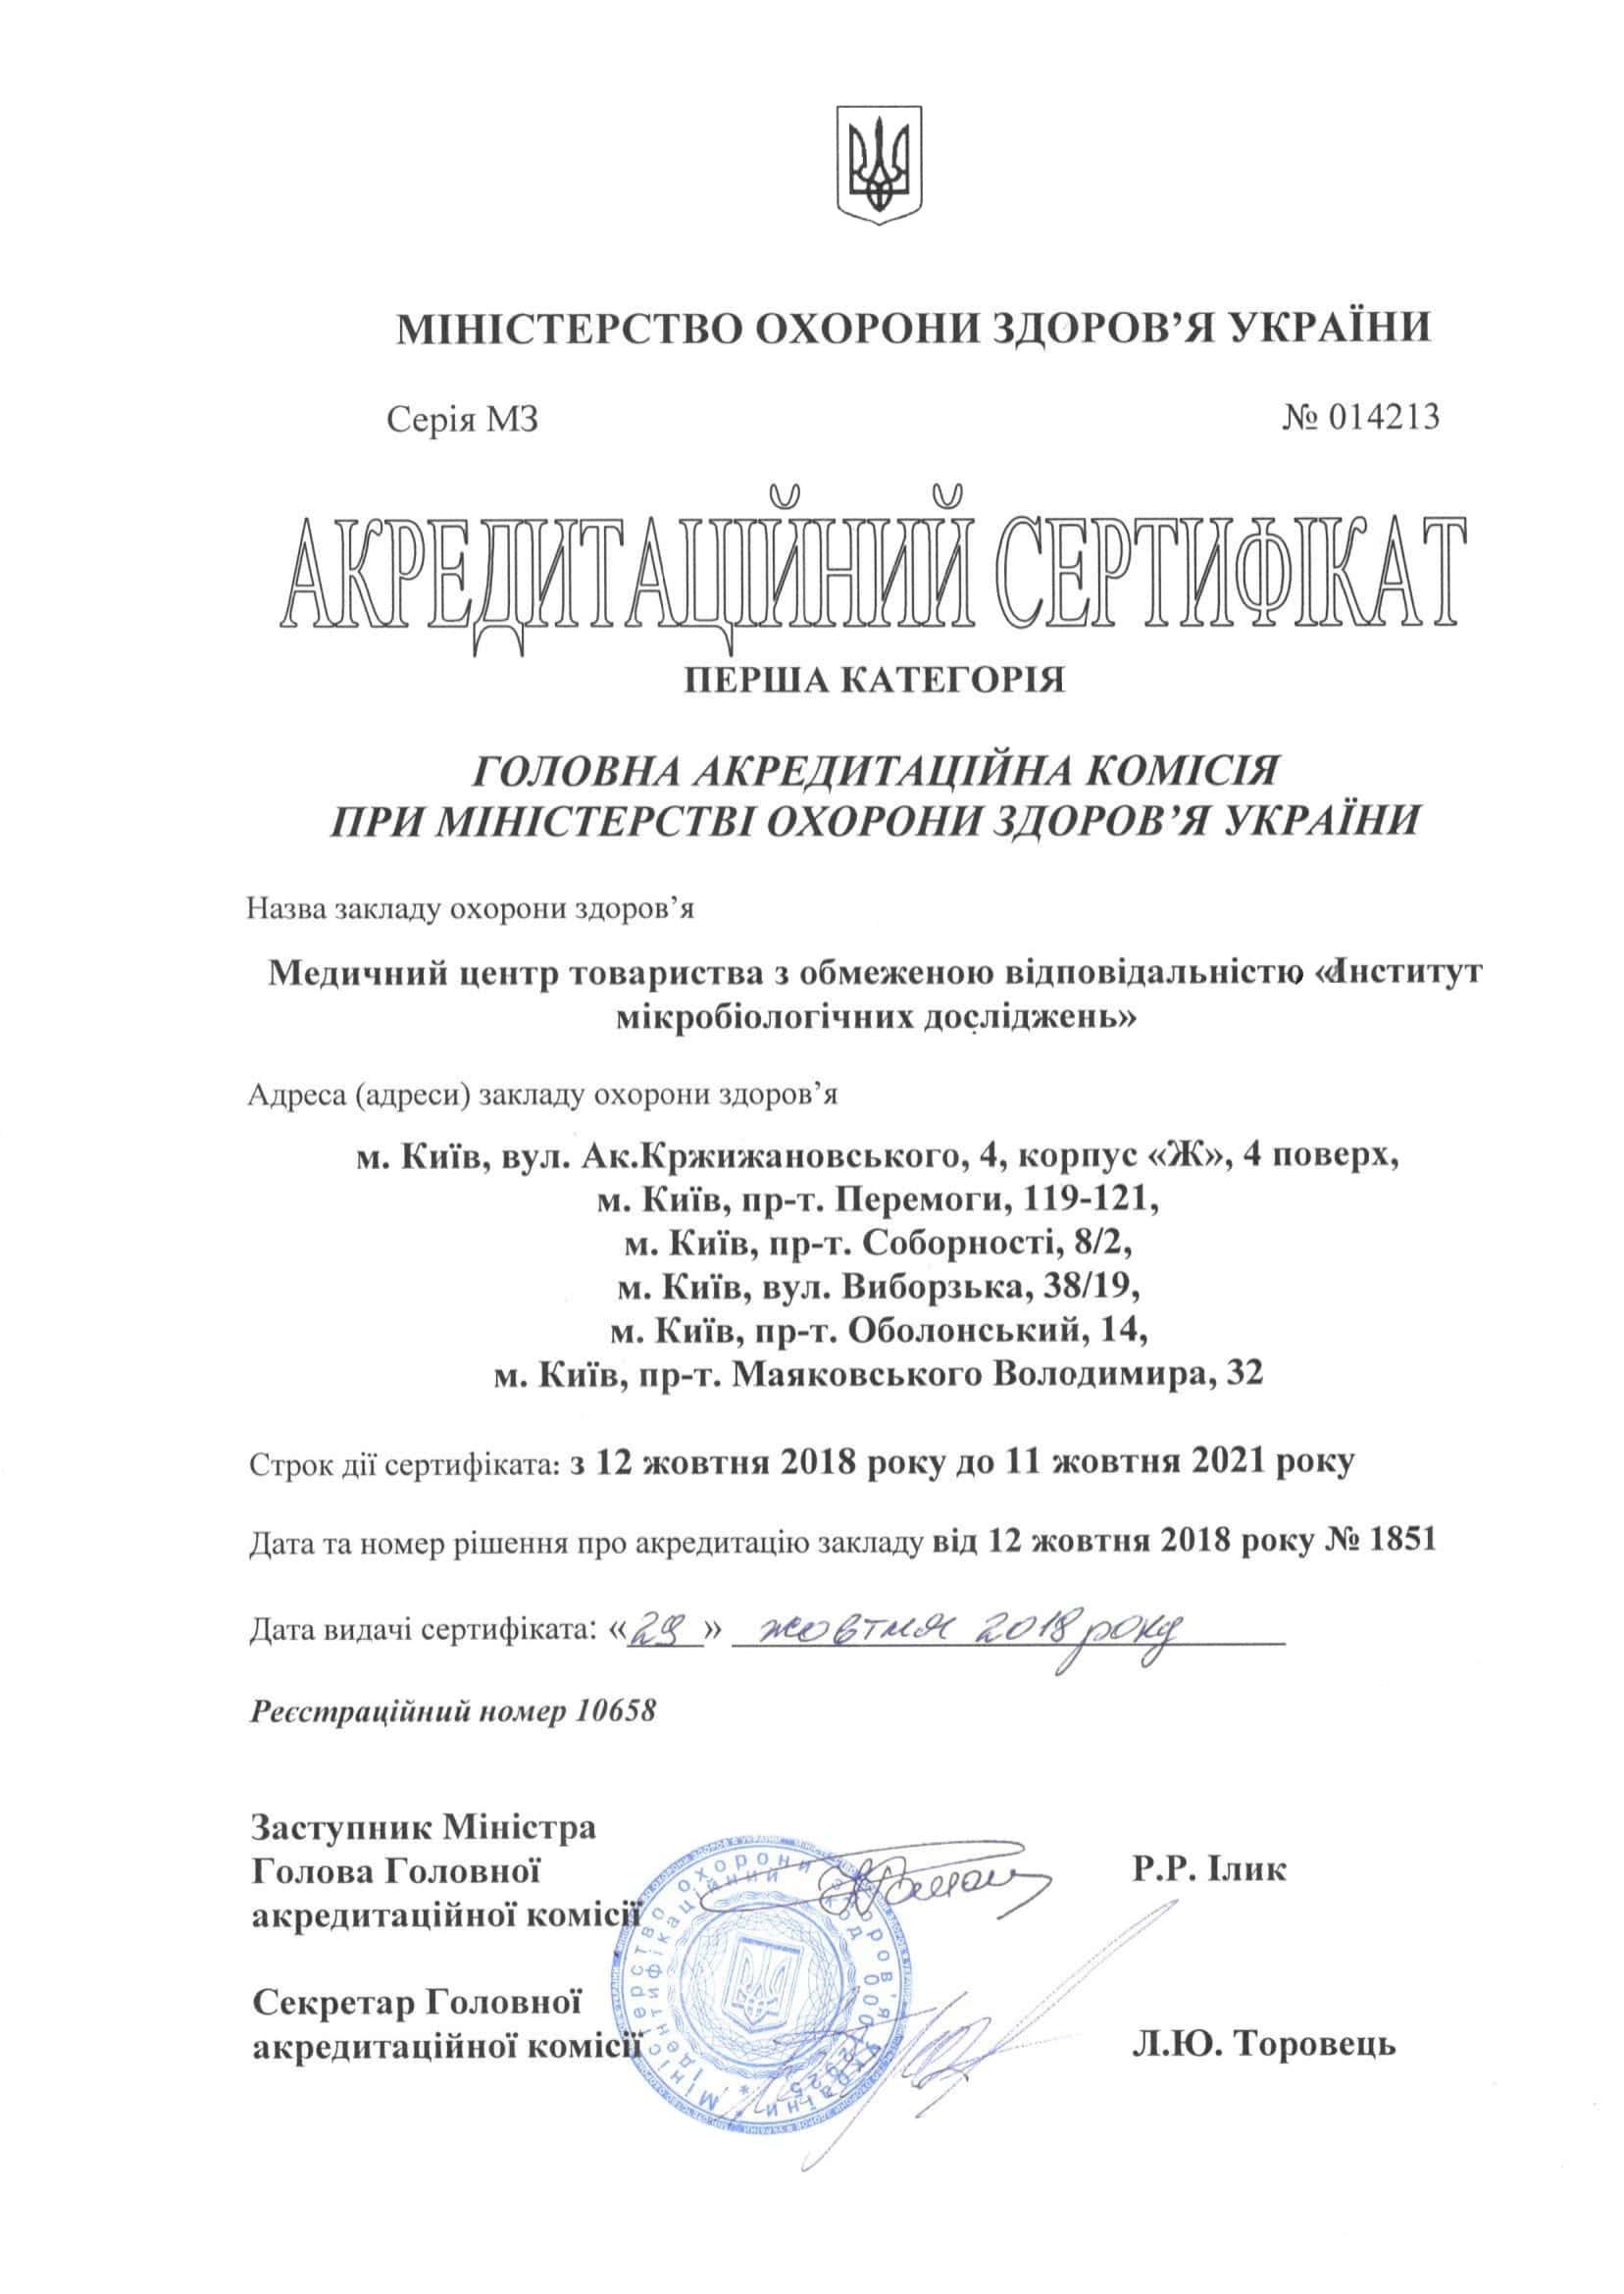 Акредитаційний сертифікат Міністерства охорони здоров'я